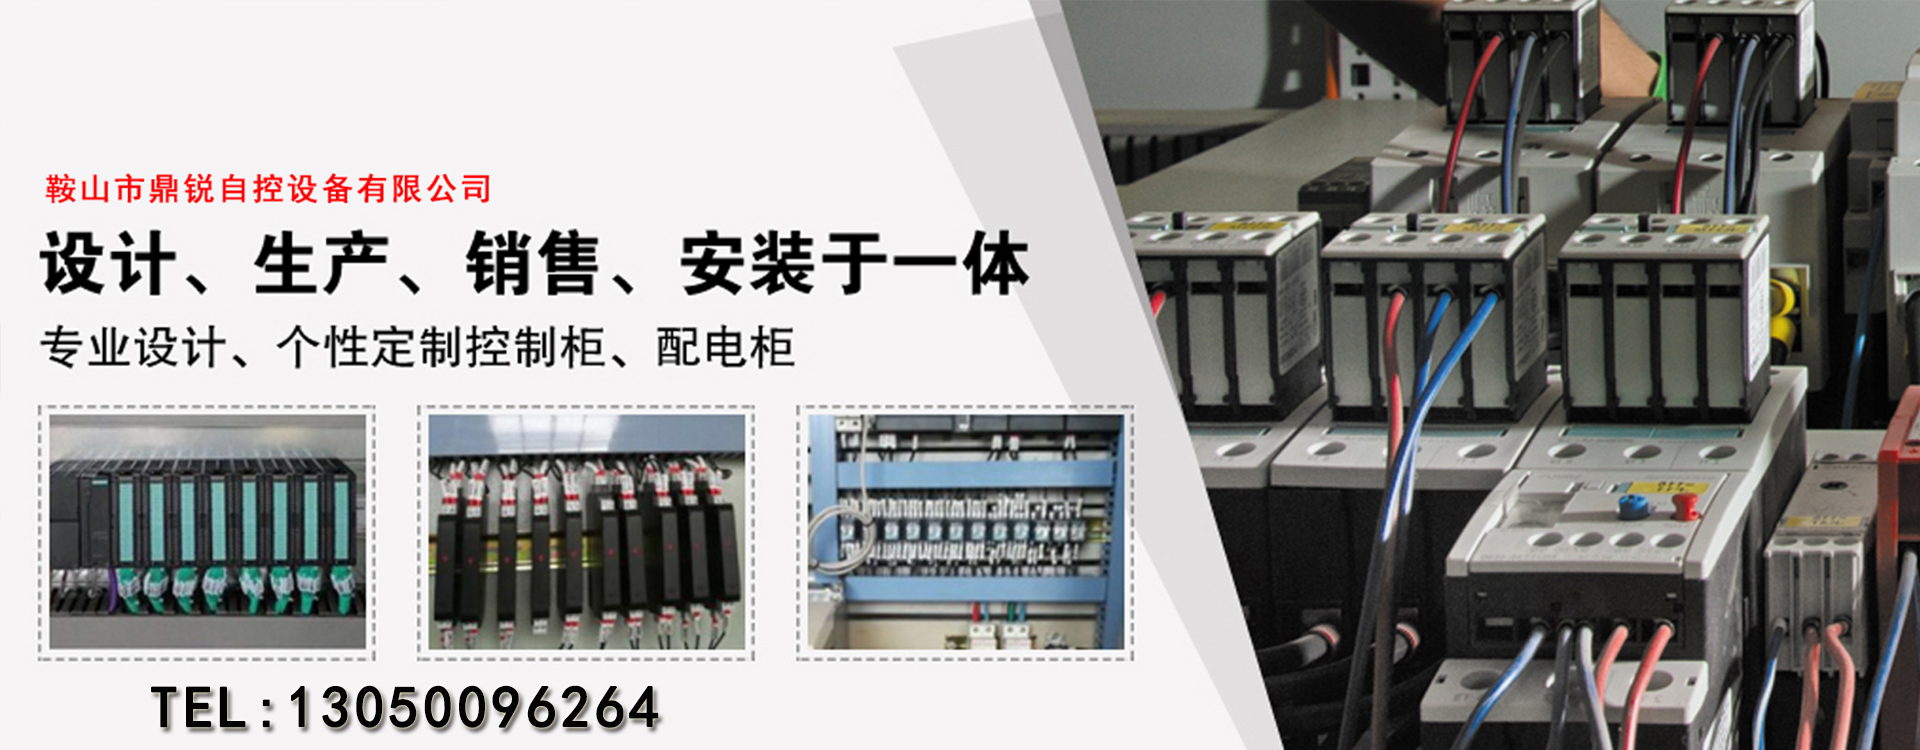 鞍山控制柜, 鞍山自动化设备